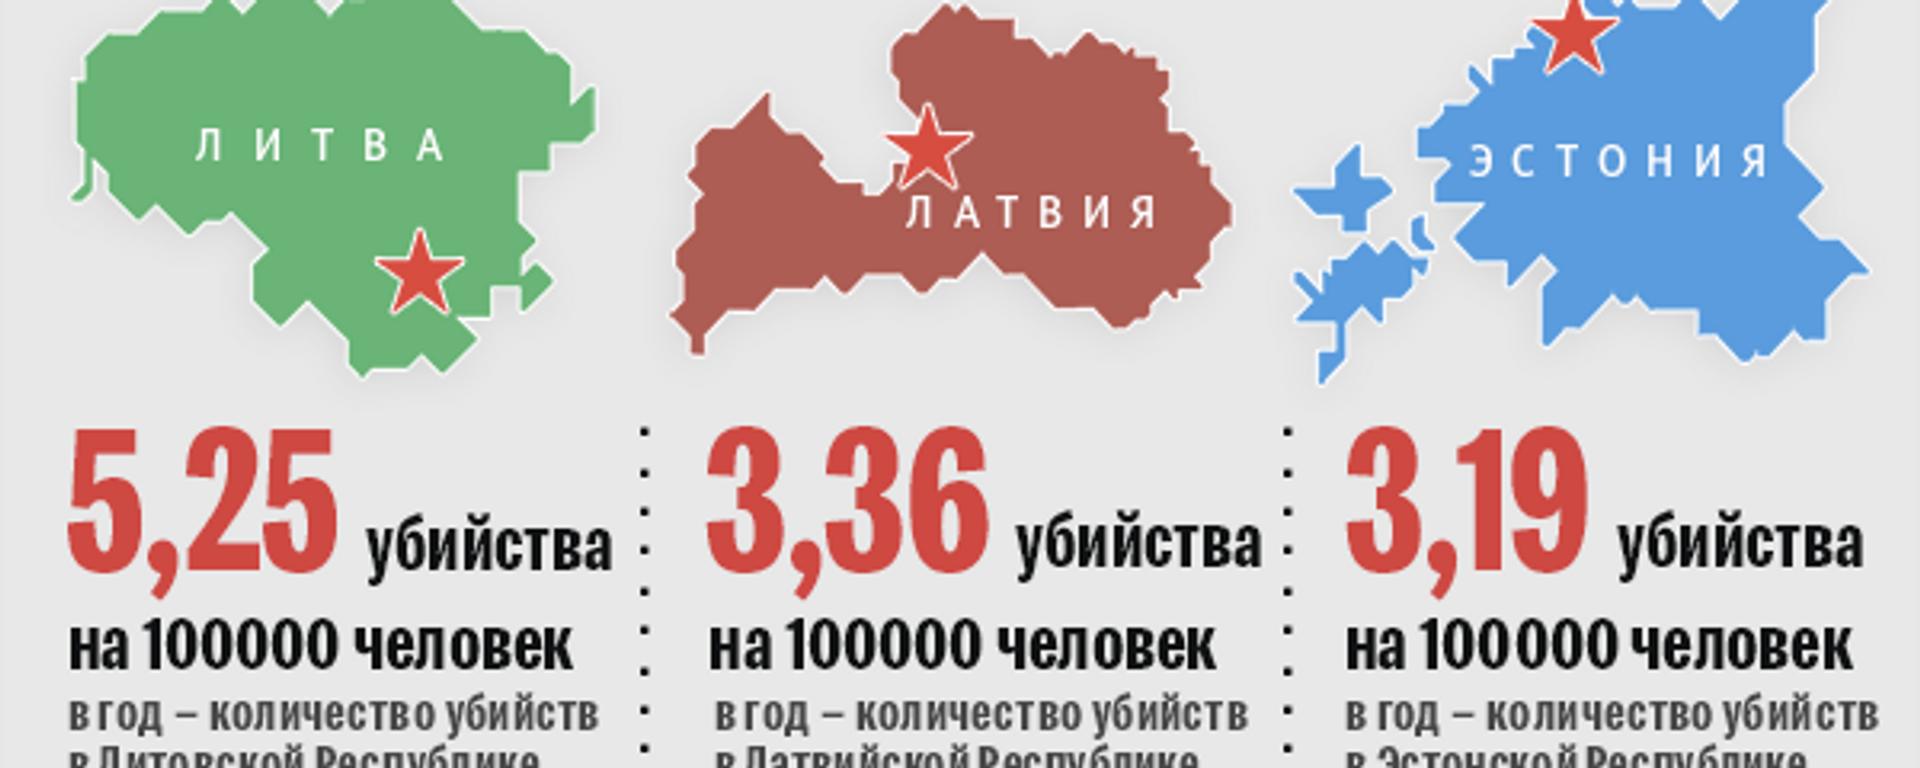 Количество убийств странах в Европы - Sputnik Латвия, 1920, 25.03.2021